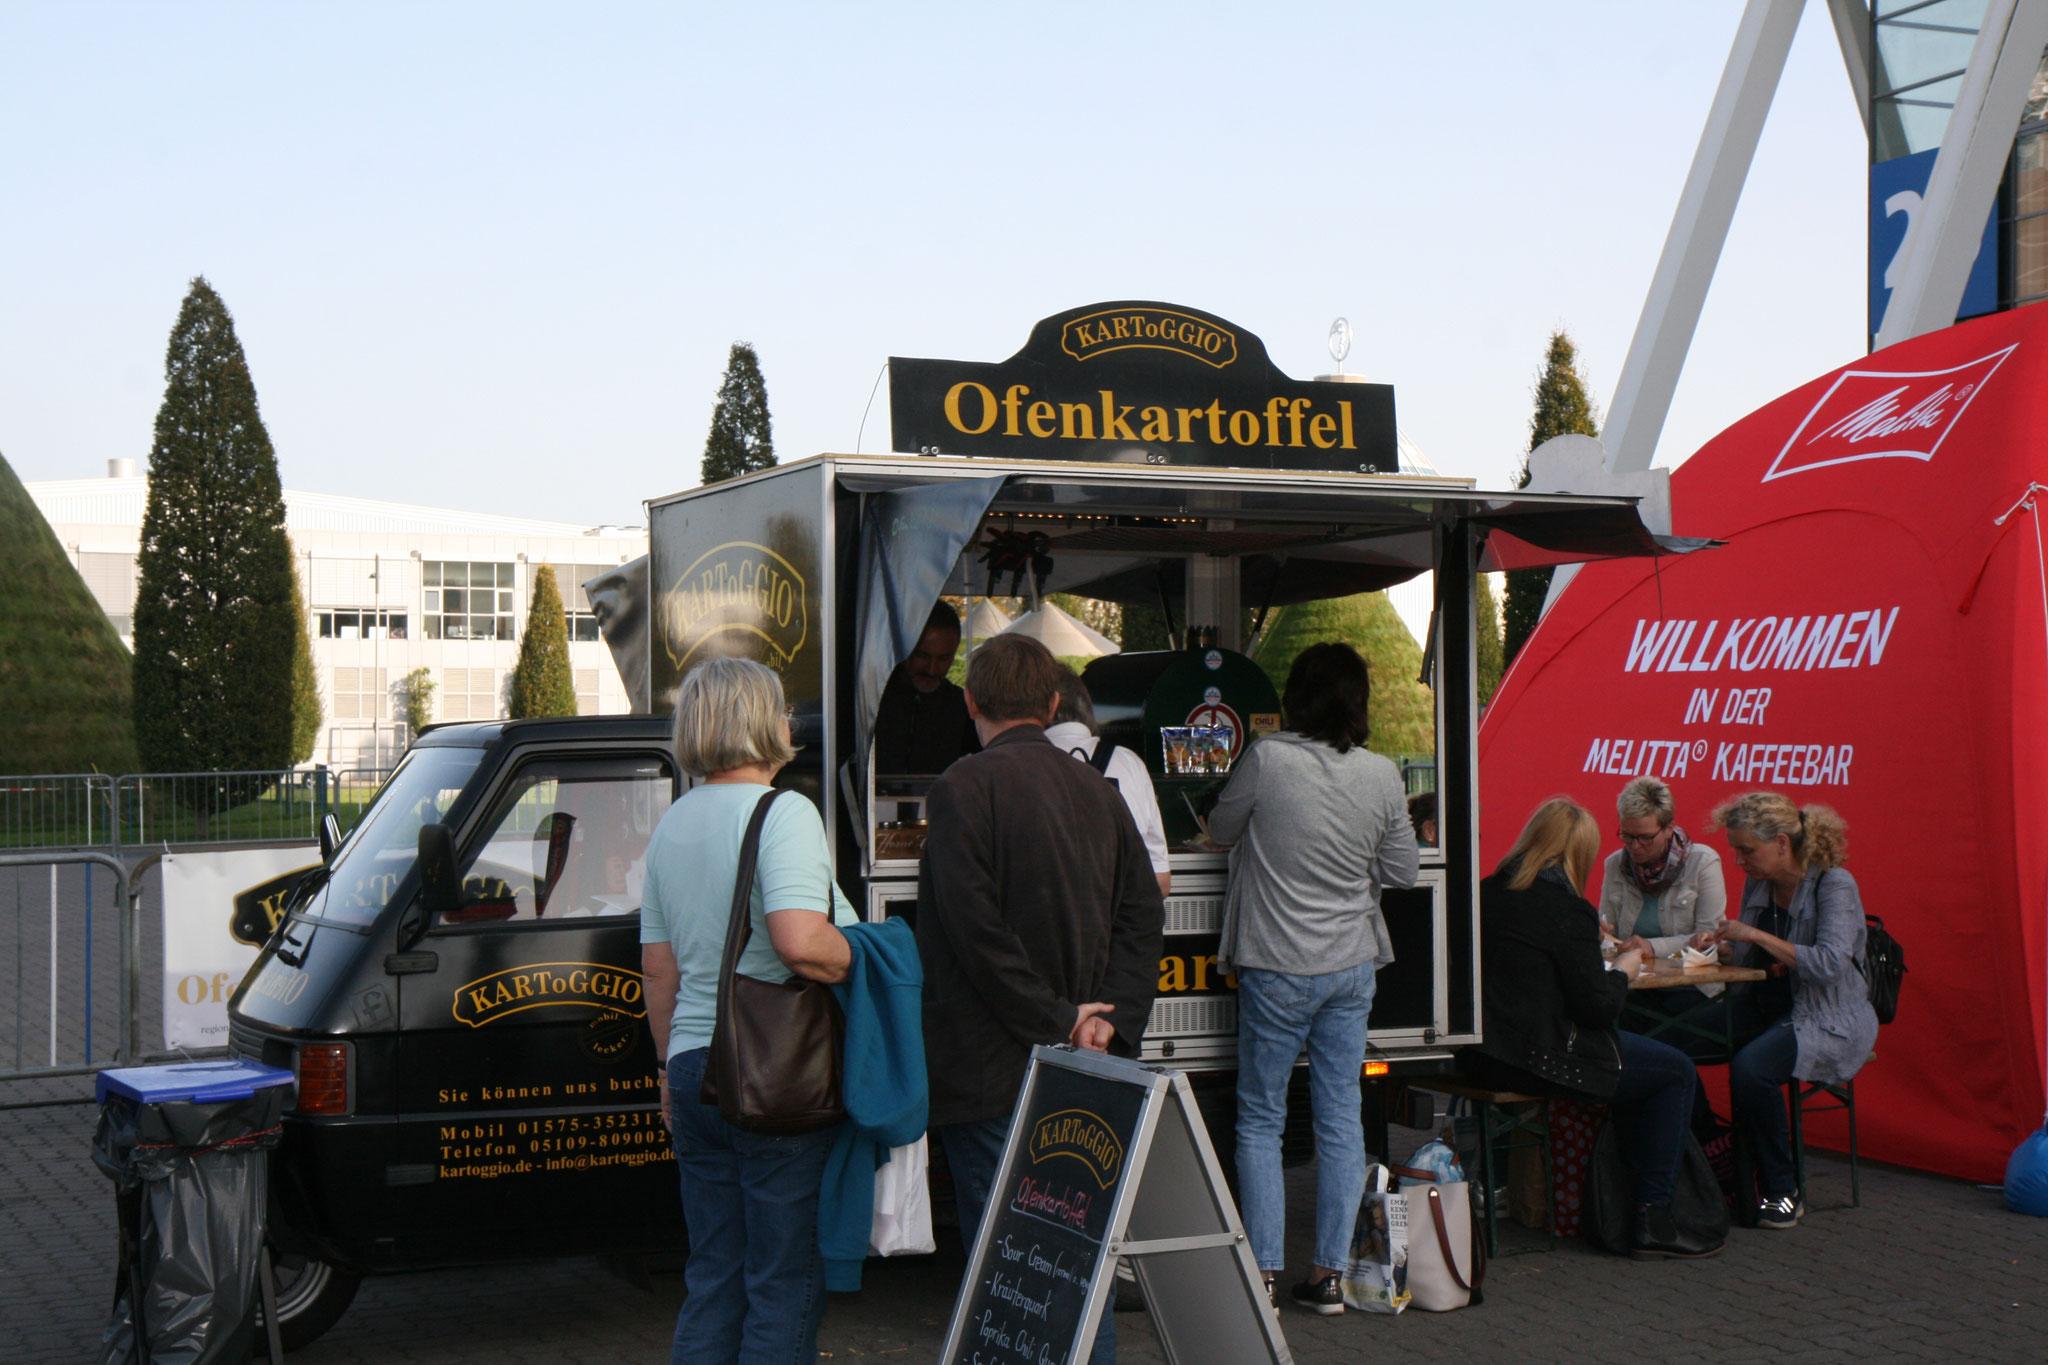 infa 2017 - Deutschlands größte Erlebnis und Einkaufsmesse. Bummeln macht hungrig - Zeit für eine Pause bei KARToGGIO®